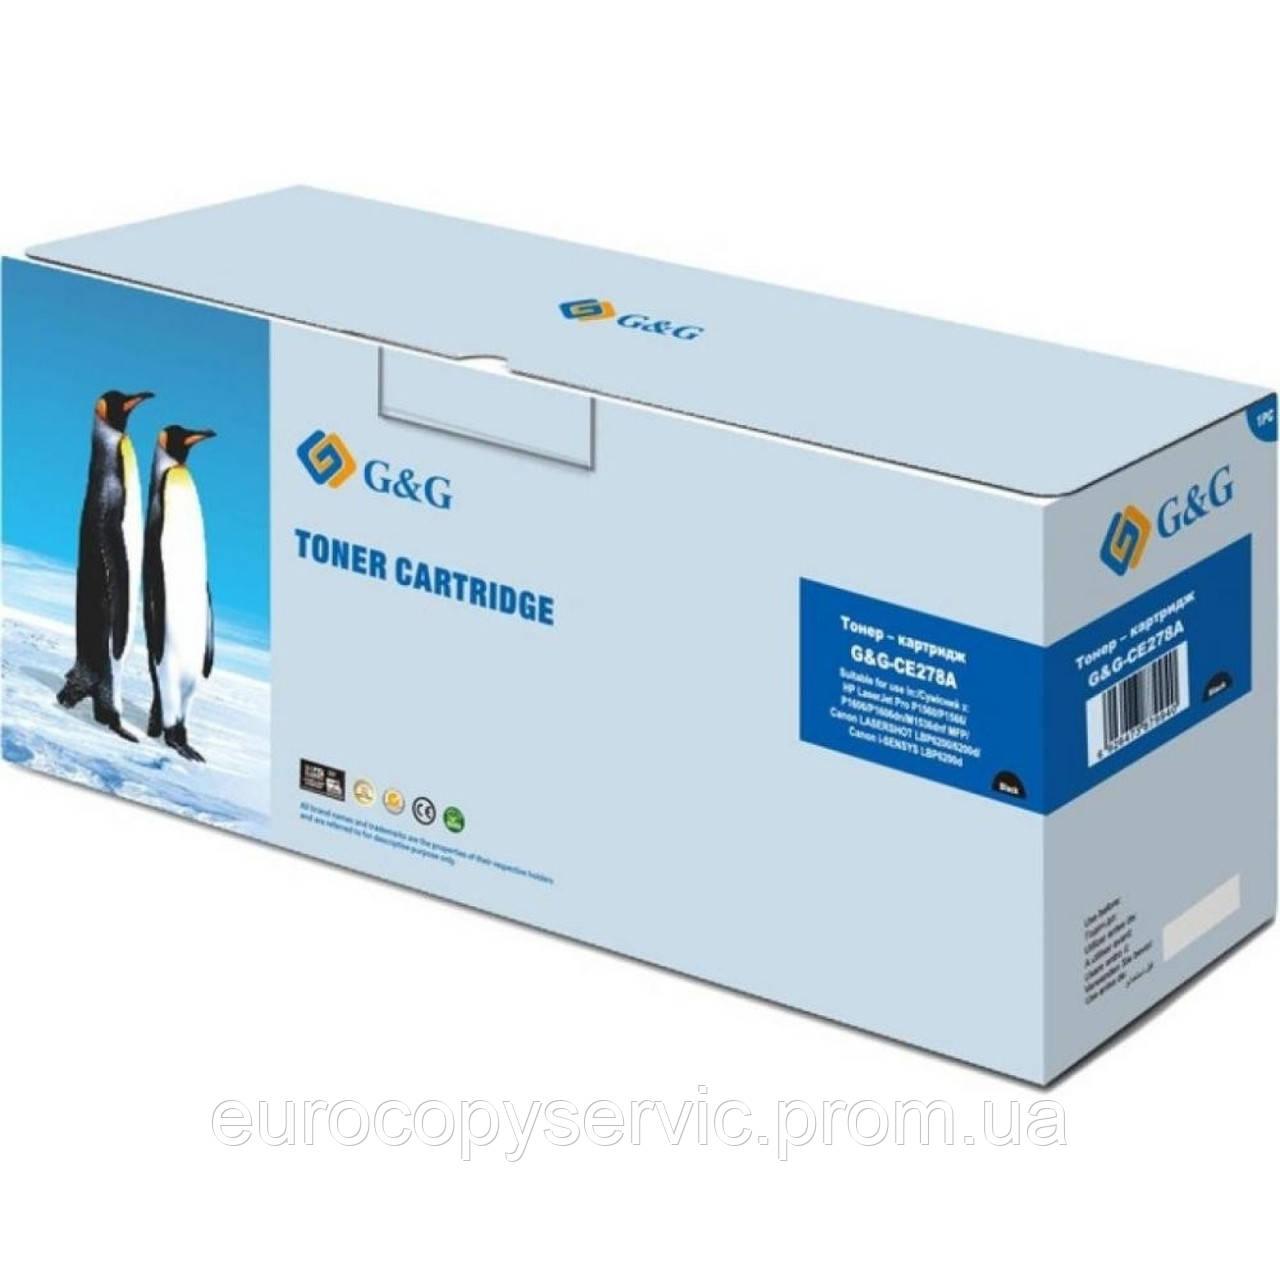 Картридж G&G для HP LJ P1566/1606DN/M1536dnf- G&G-728/G&G-726 Black (2100 стр)